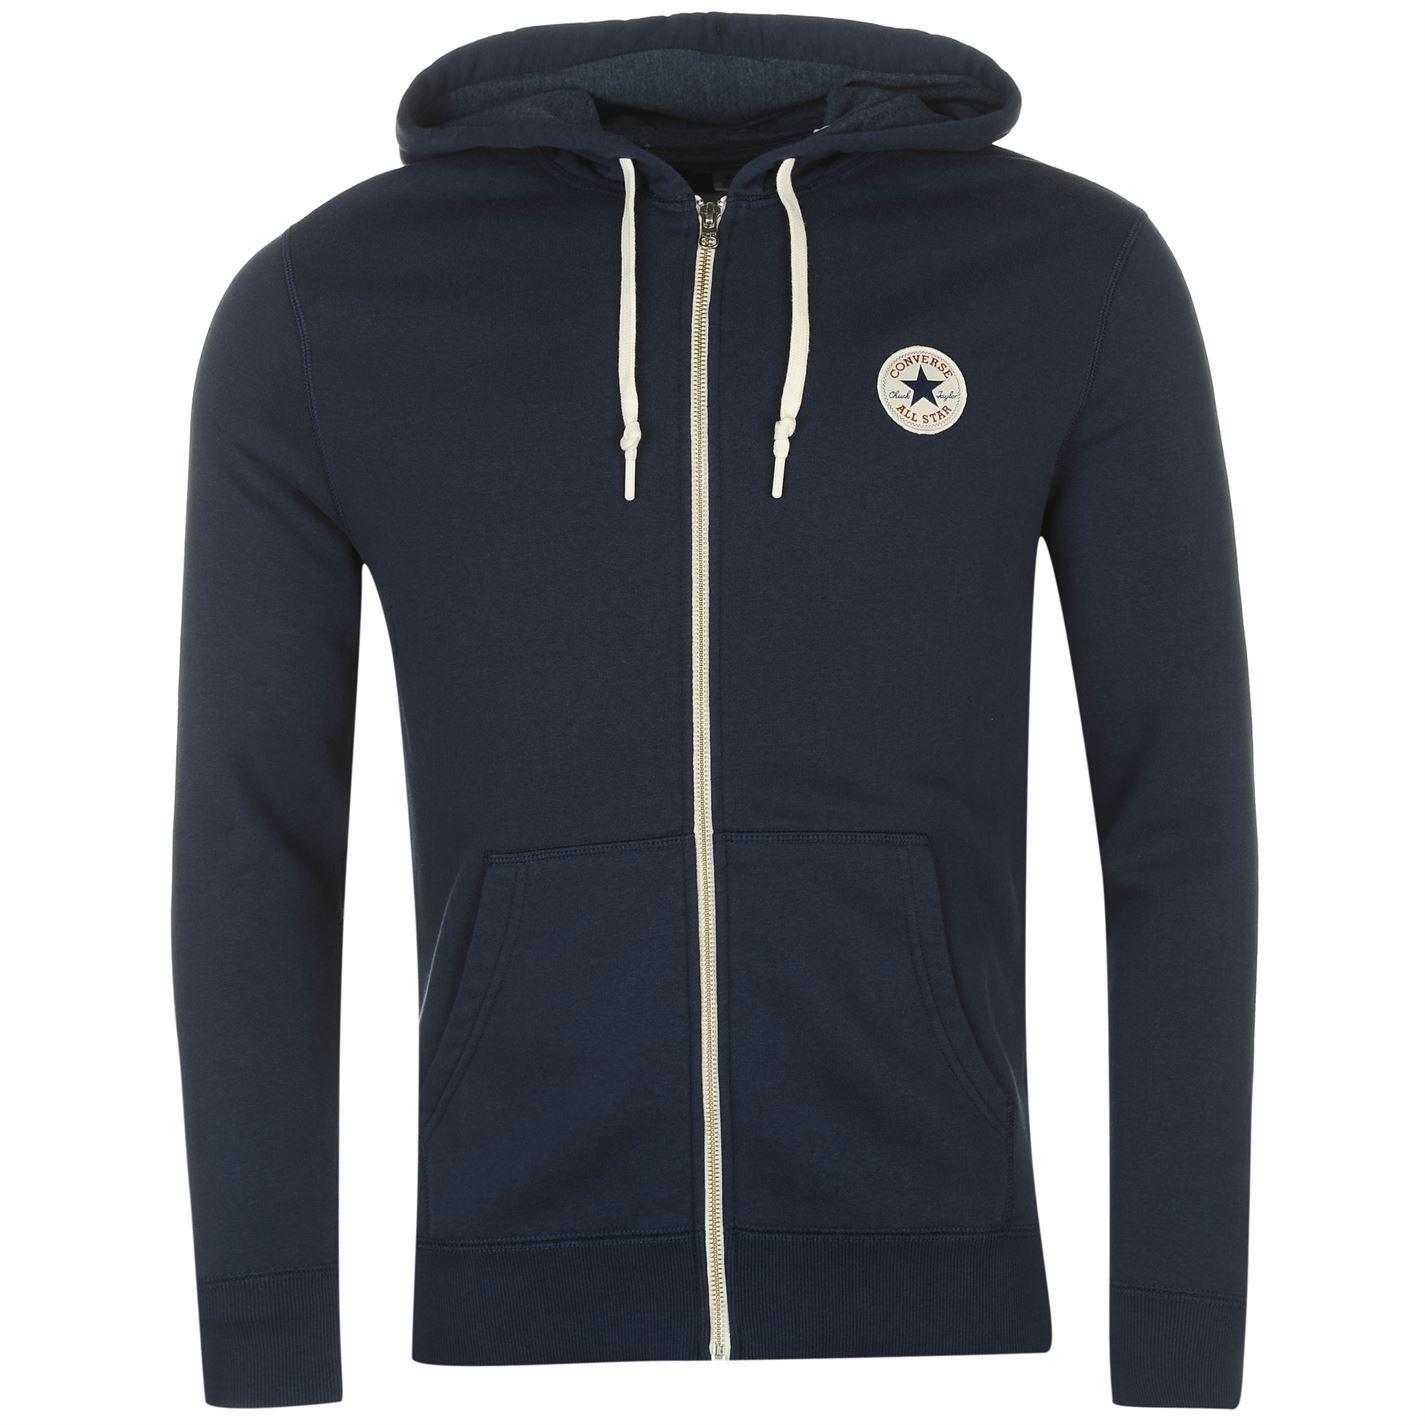 thumbnail 12 - Converse Core Full Zip Hoody Jacket Mens Hoodie Sweatshirt Sweater Hooded Top